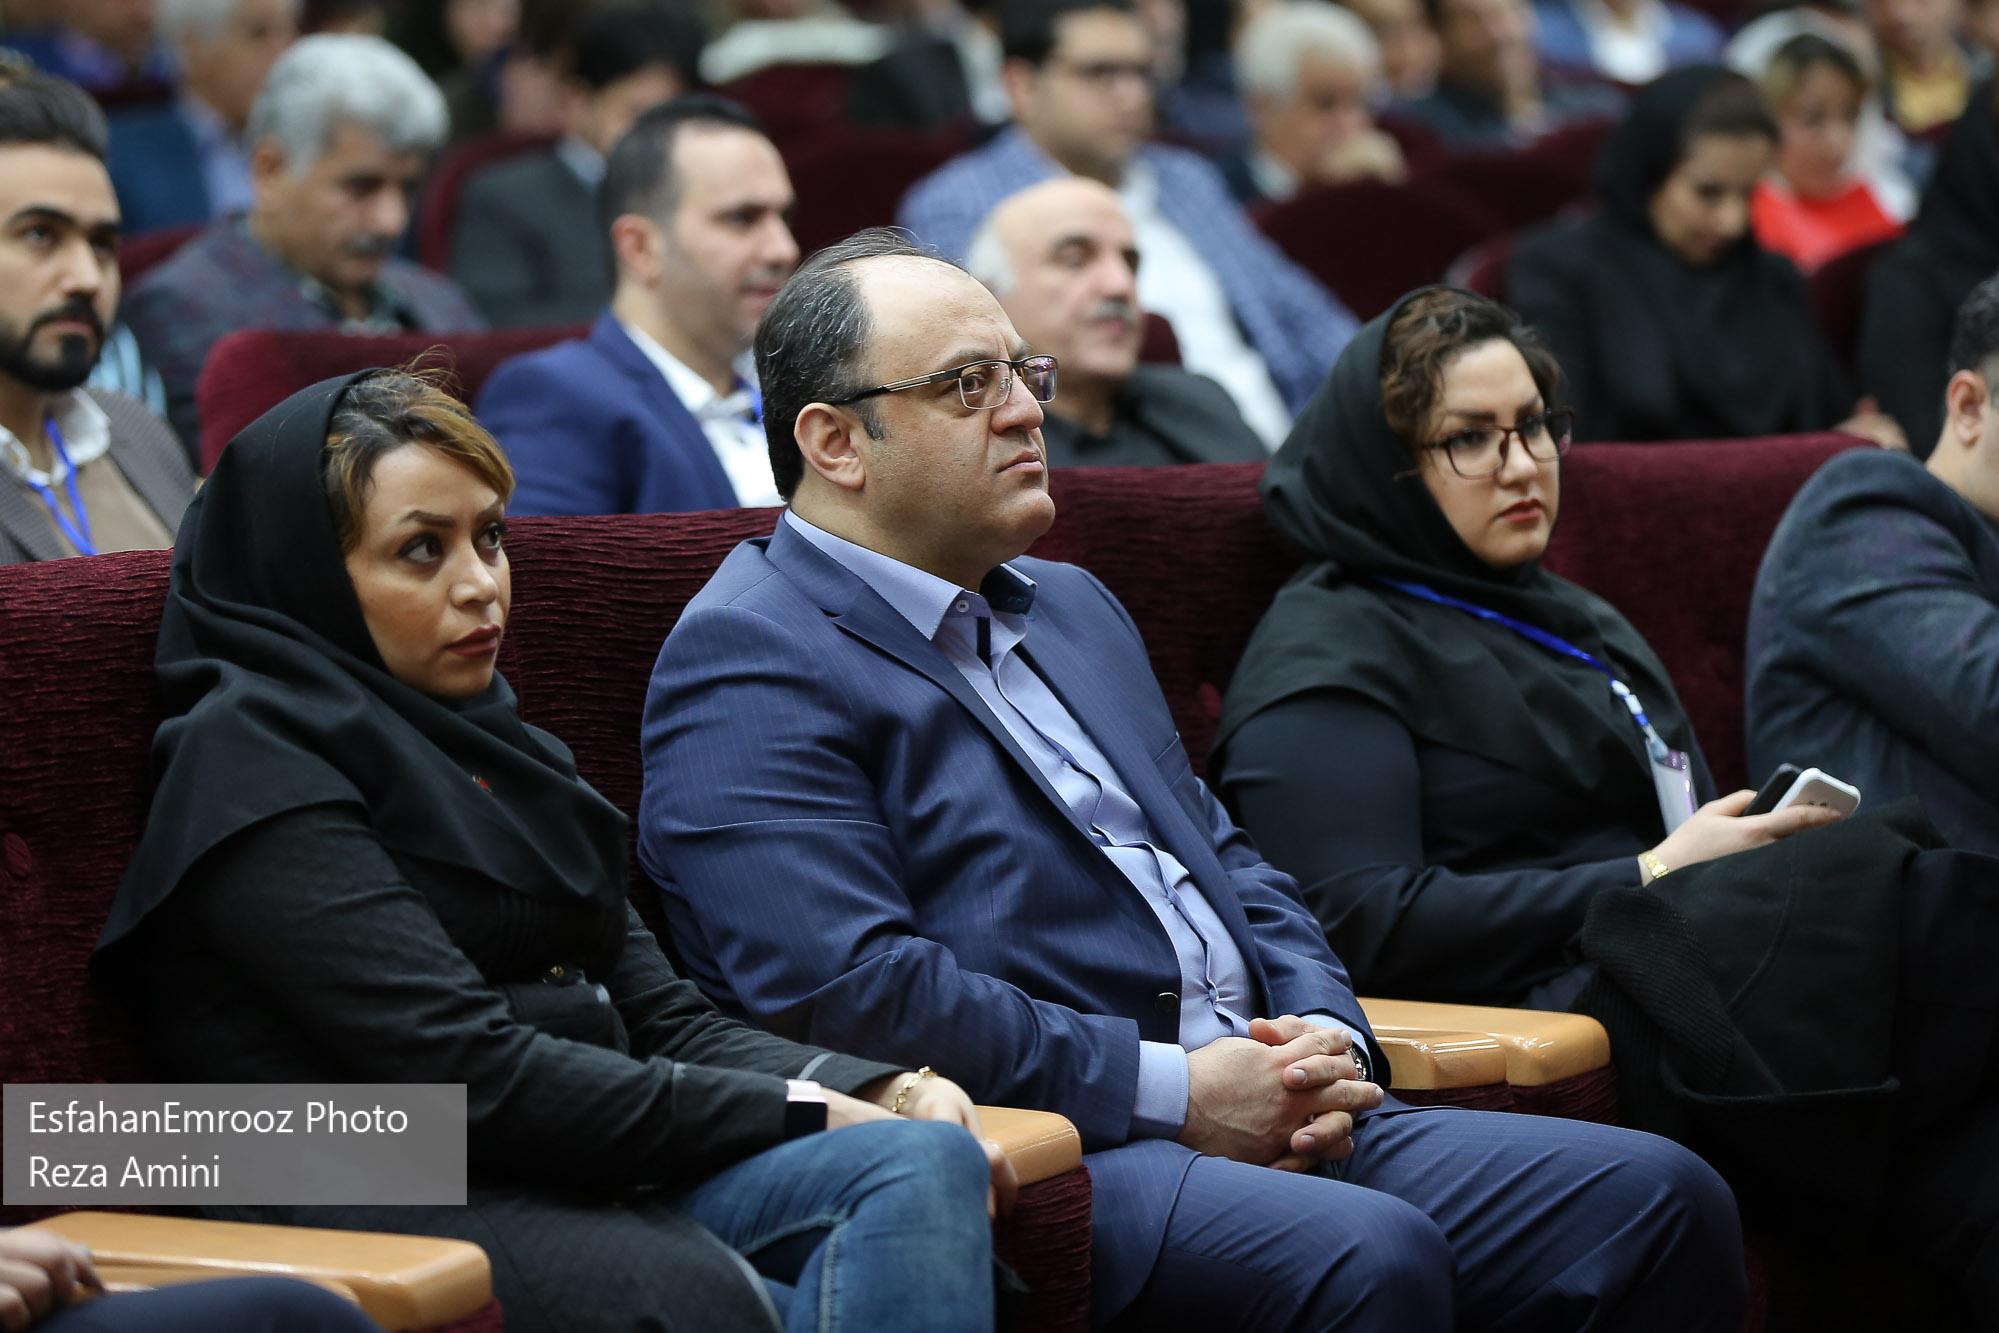 علی هاشم الحسینی - اولین گردهمایی مدیران الماسی